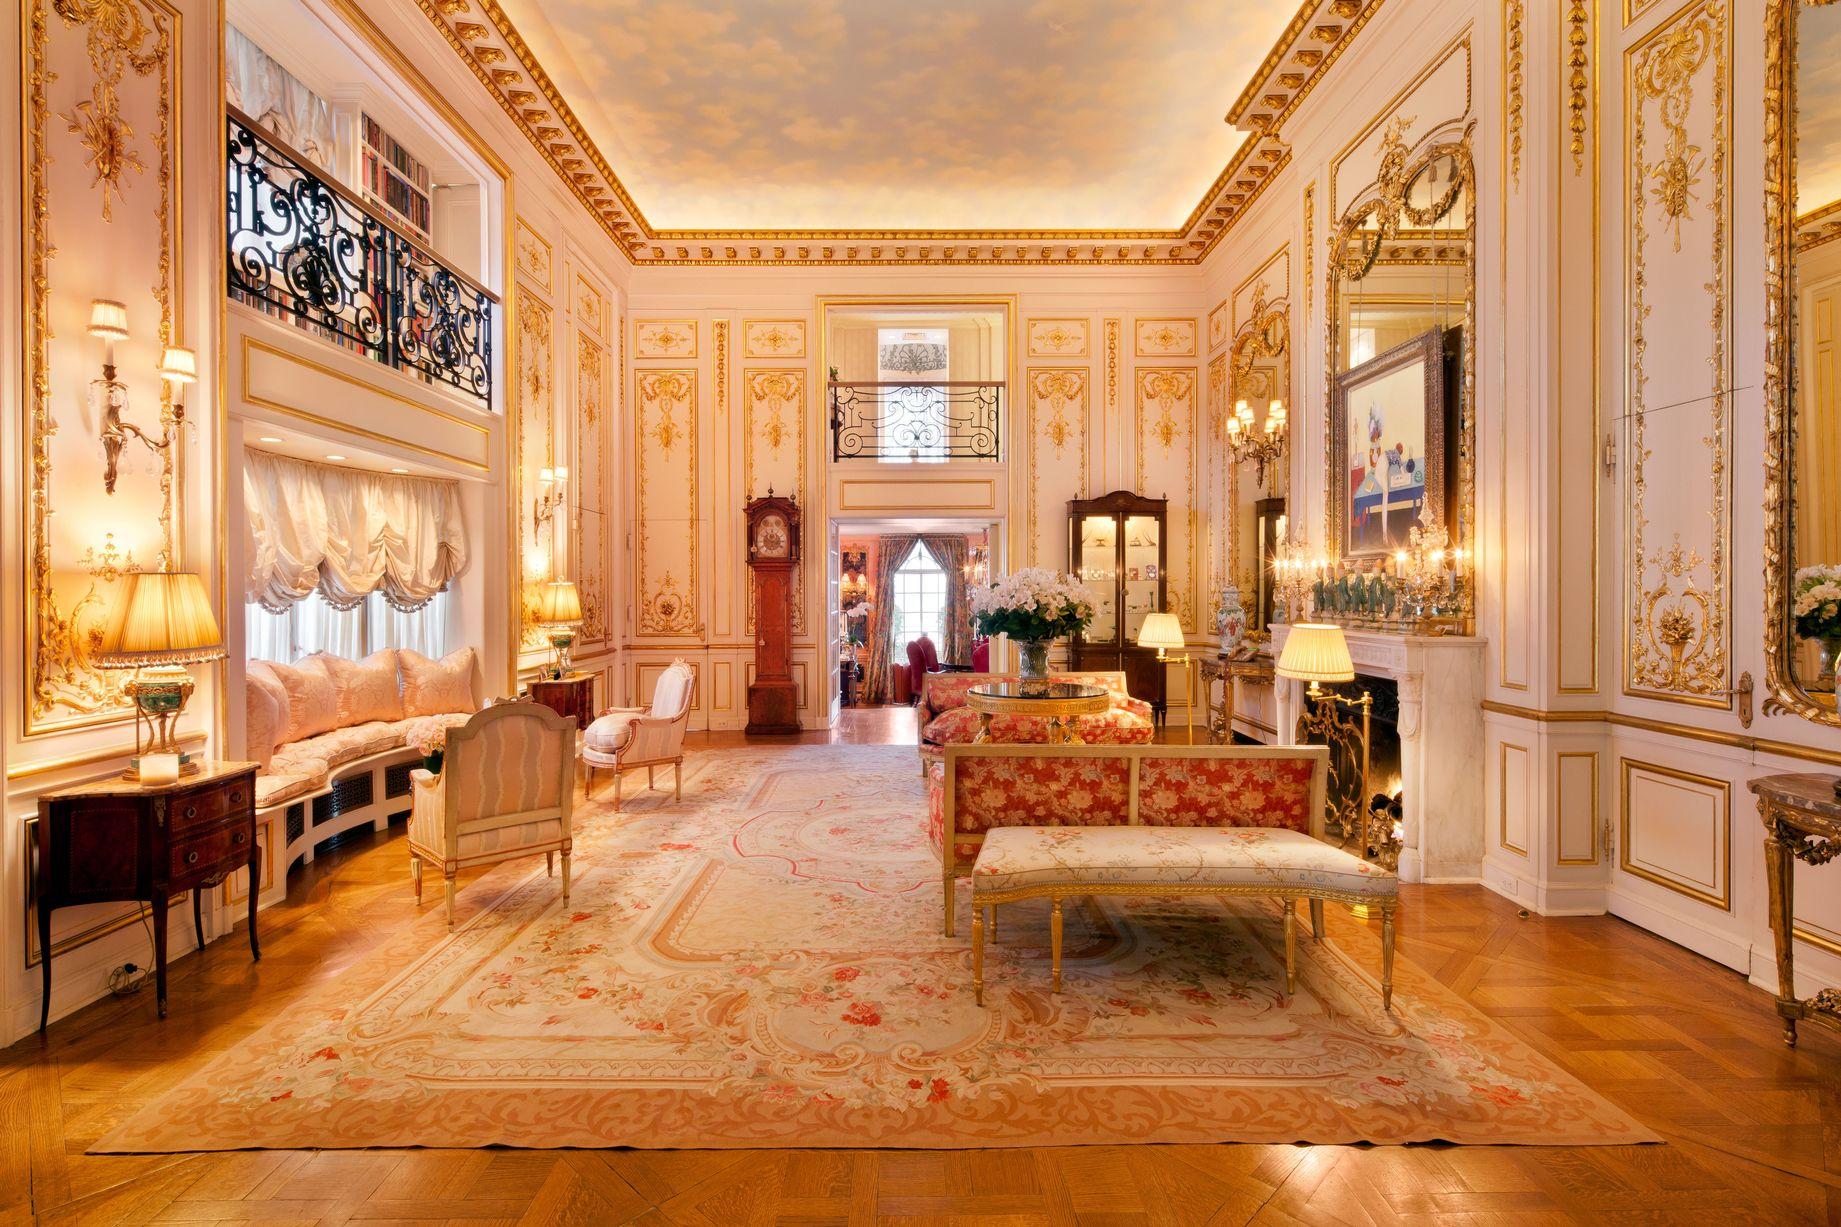 Joan Rivers apartment